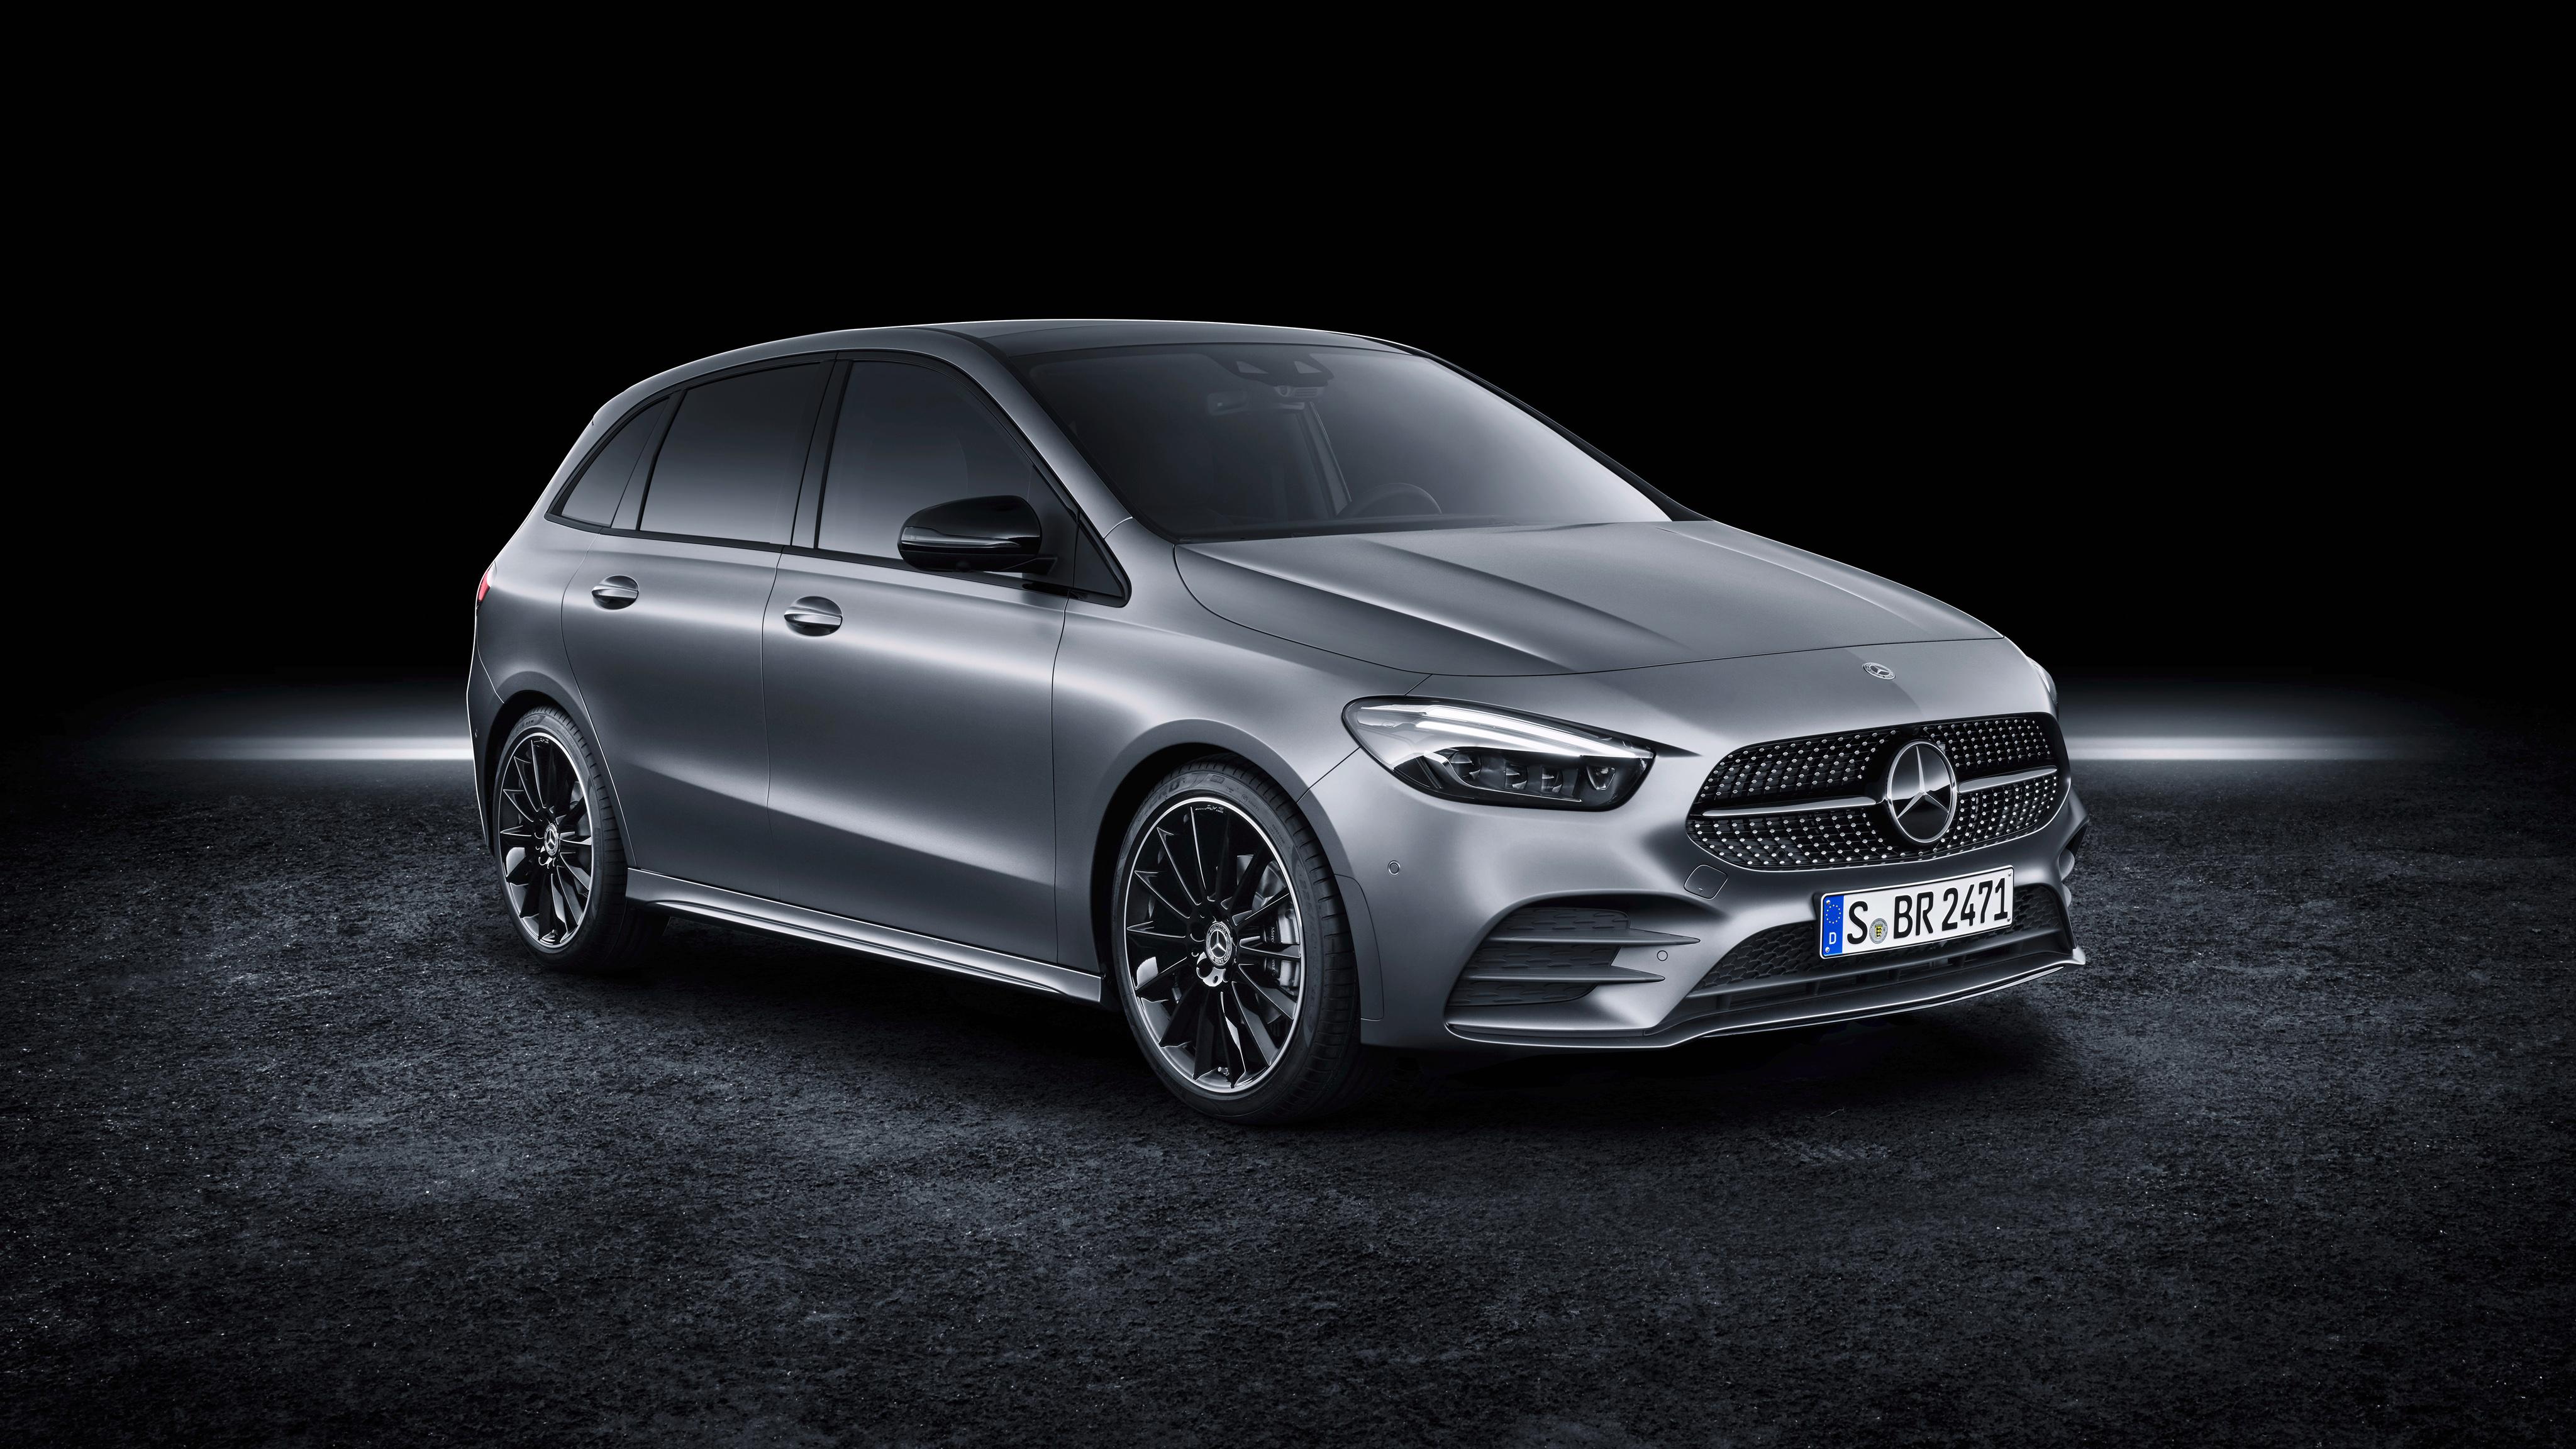 Mercedes-Benz B-Klasse AMG Line 2019 4K Wallpaper | HD Car ...